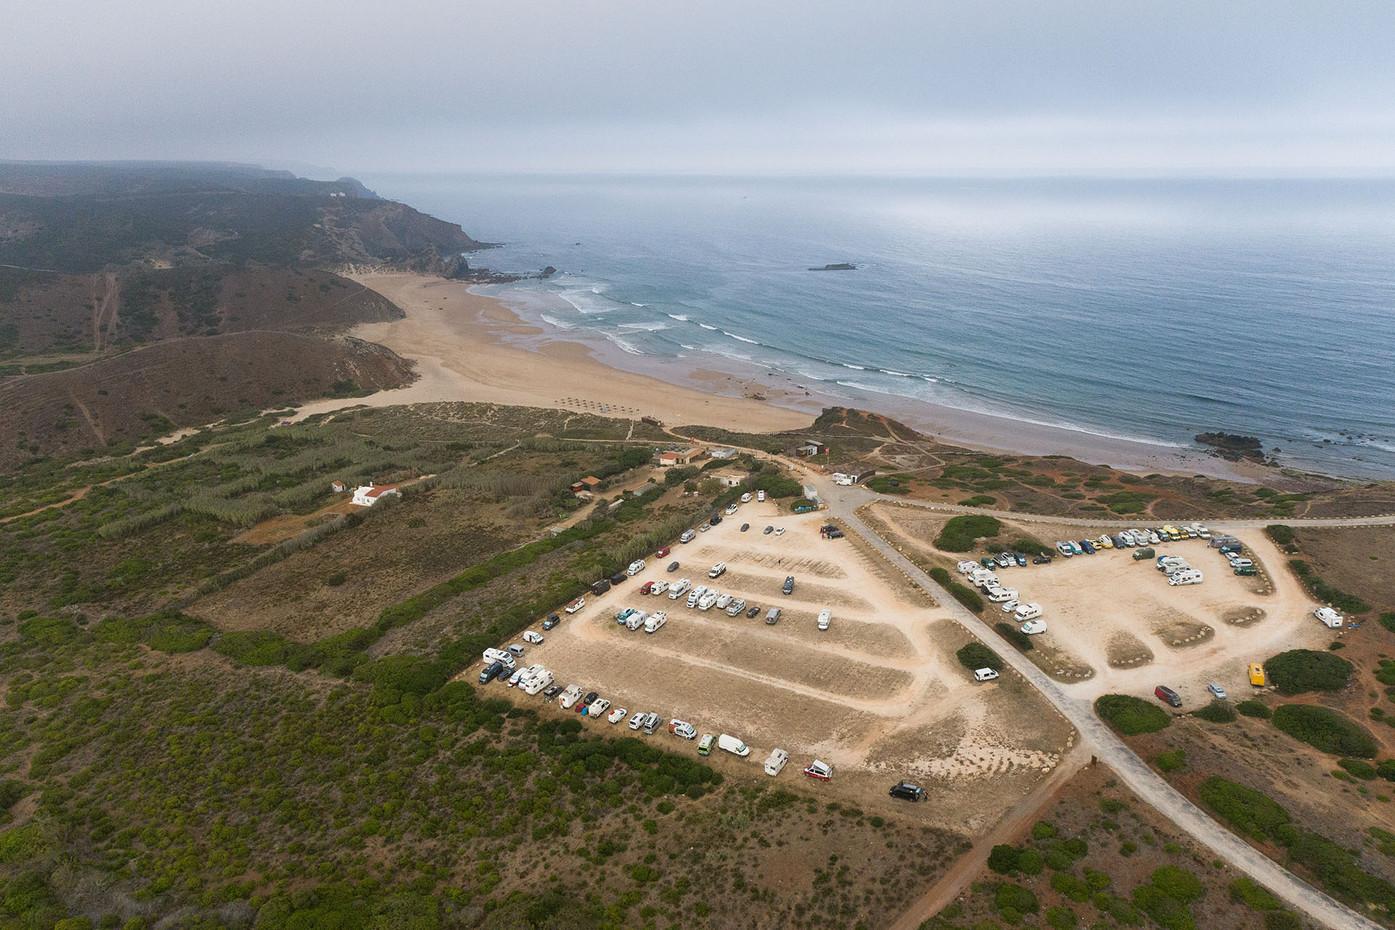 Praia do Amado e os seus parques de estacionamento   |   Aljezur   |   20 de Julho de 2020